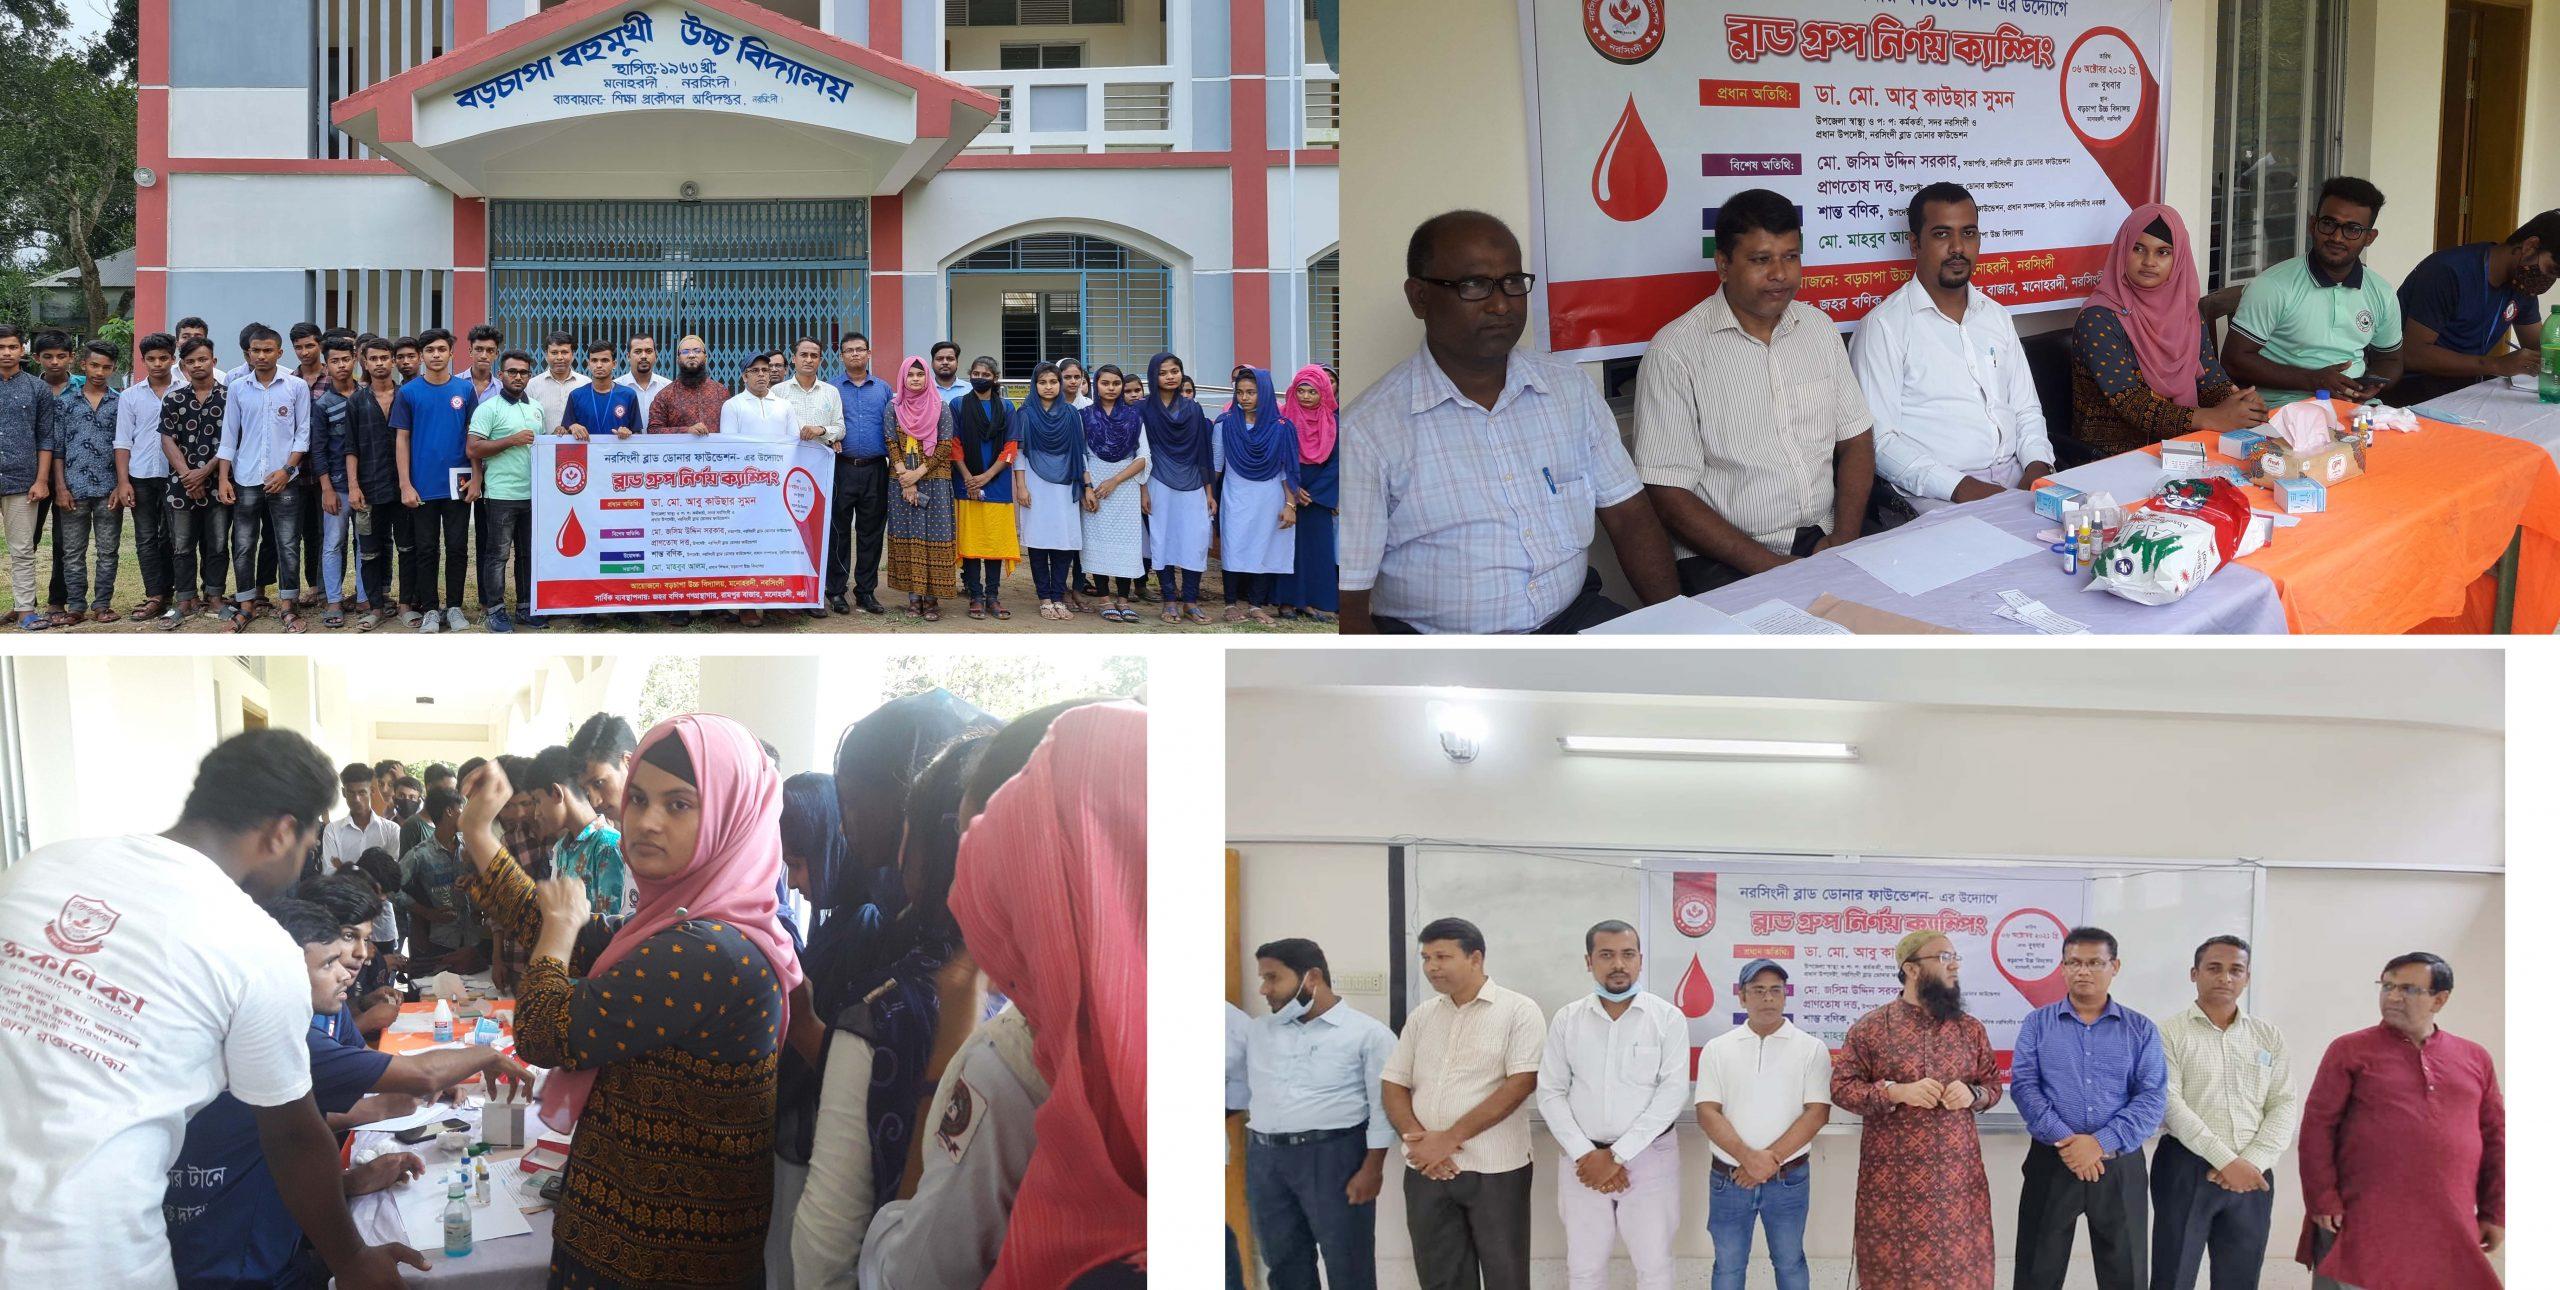 নরসিংদী ব্লাড ডোনার ফাউন্ডেশনের উদ্যোগে মনোহরদীর বড়চাপা উচ্চ বিদ্যালয়ে ব্লাড গ্রুপ নির্ণয় ক্যাম্পিং অনুষ্ঠিত